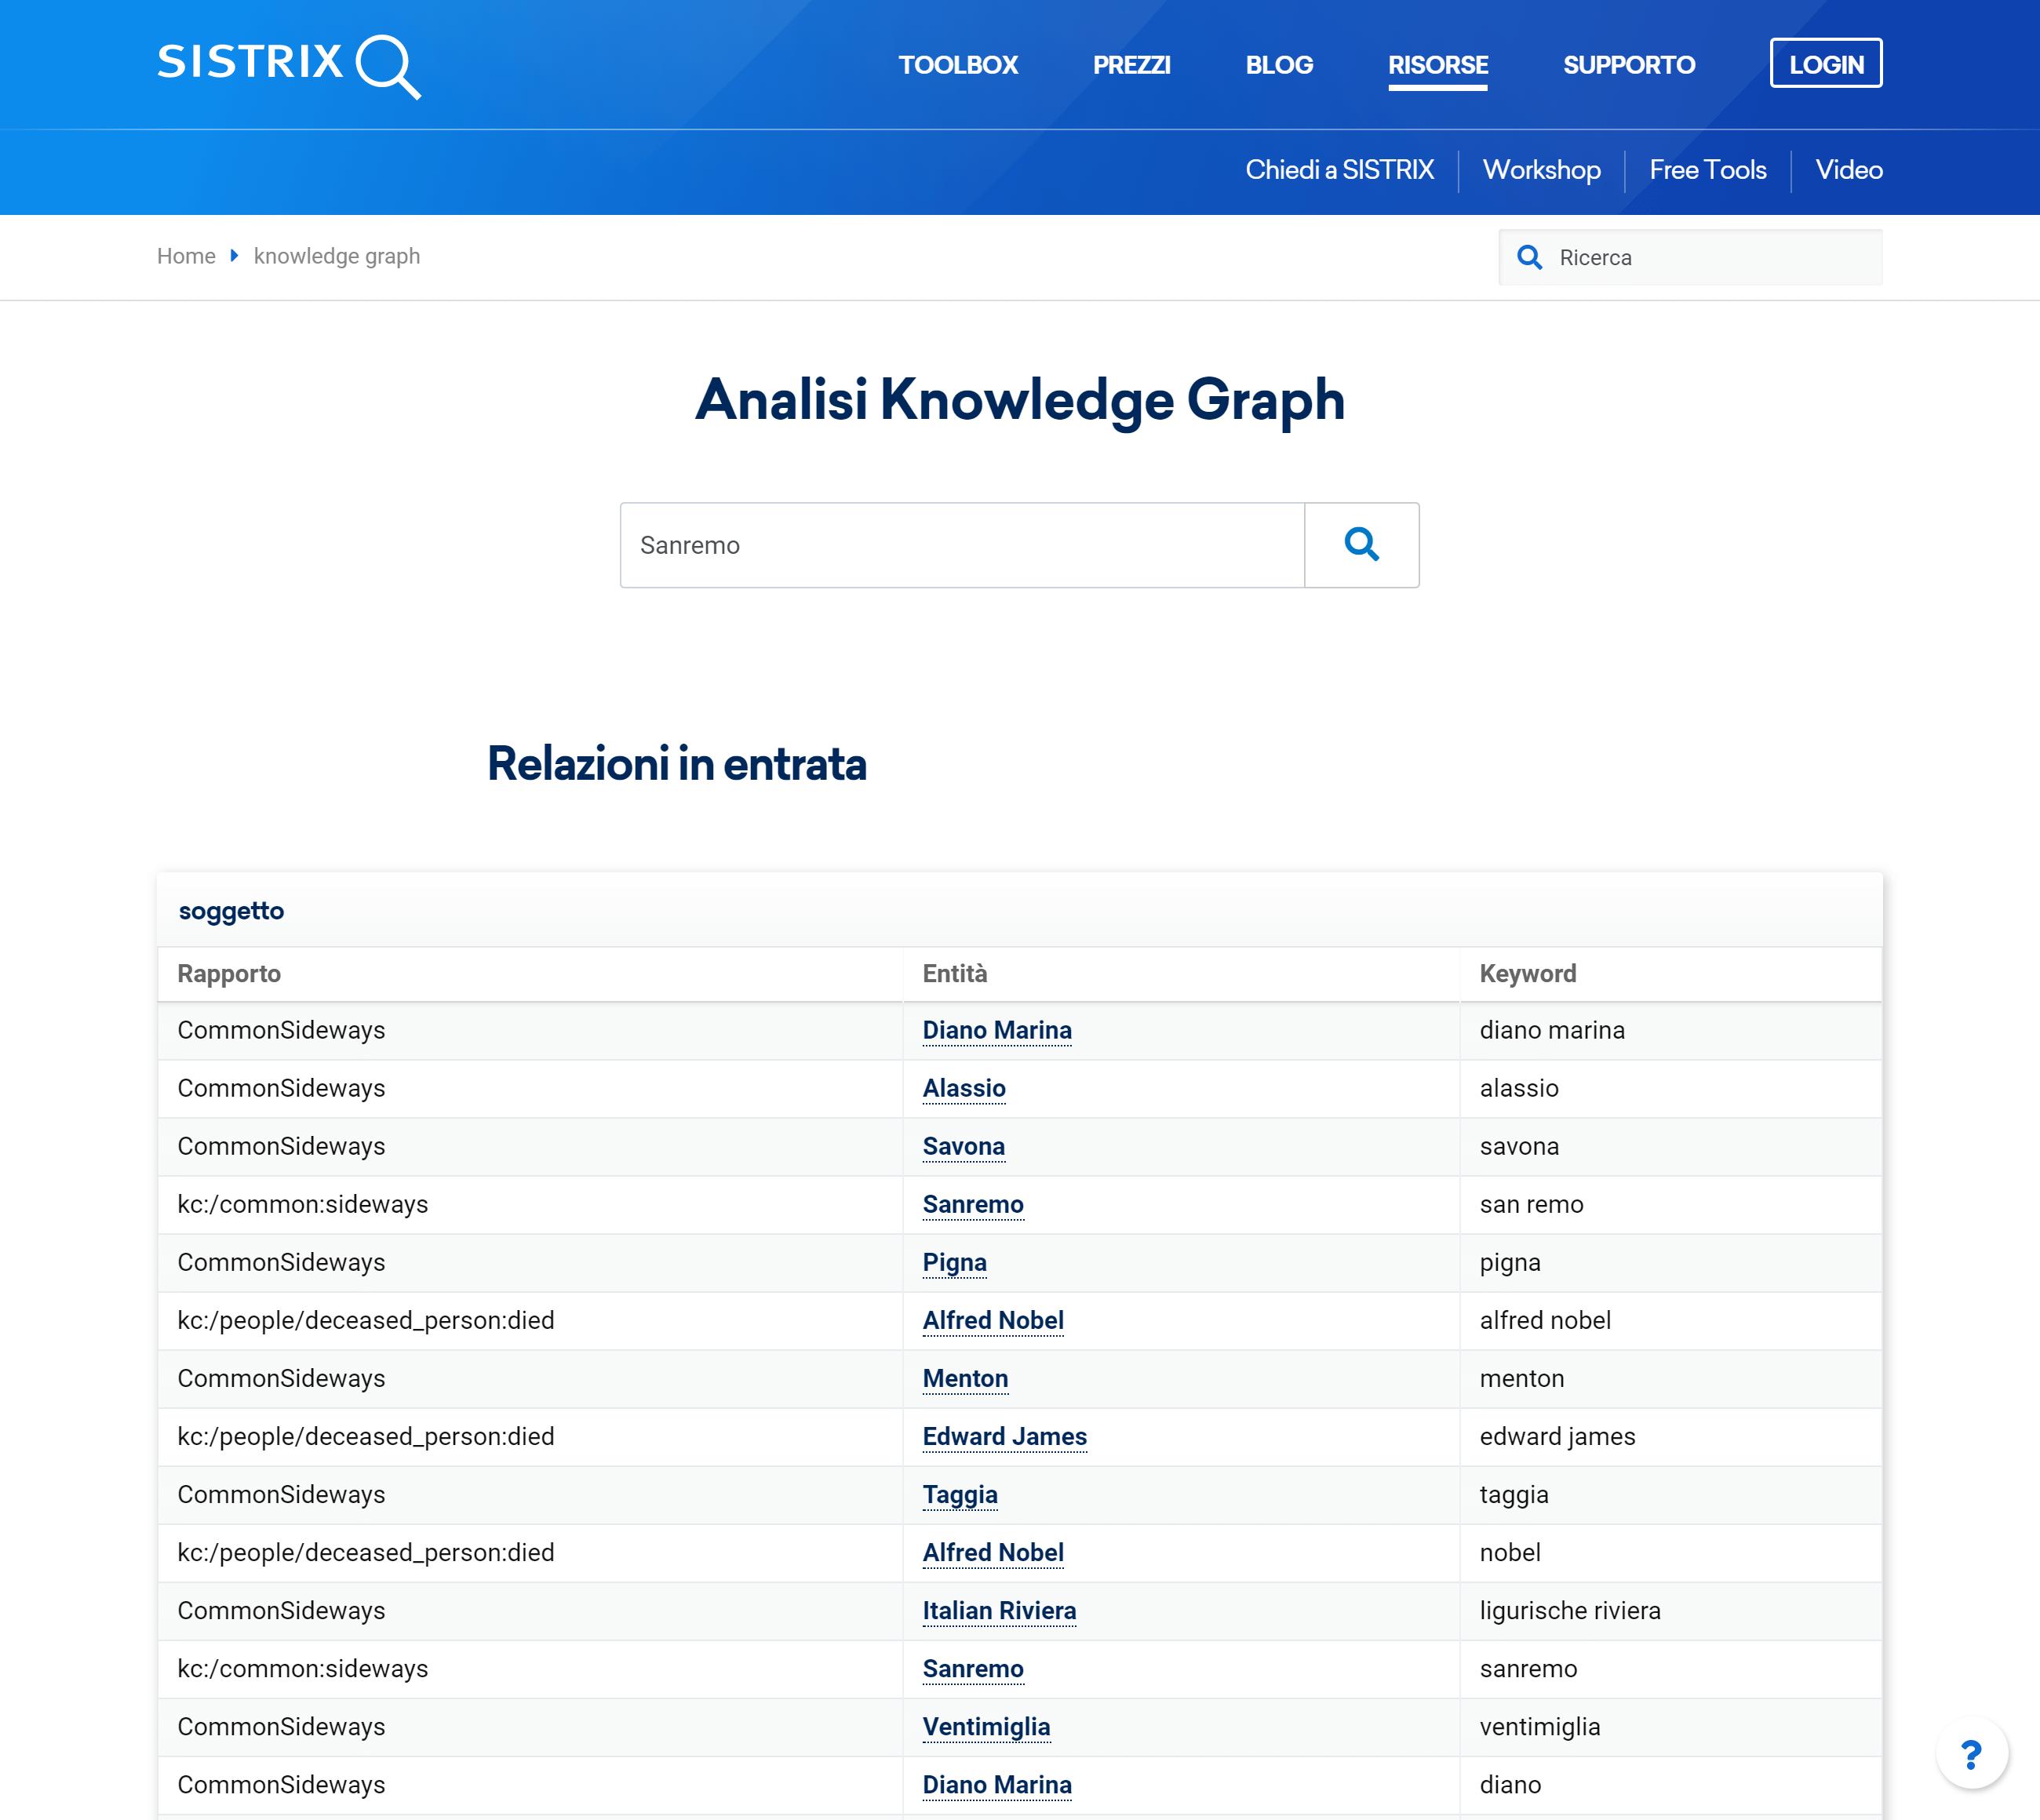 Tool gratuito di SISTRIX per l'analisi del Knowledge Graph